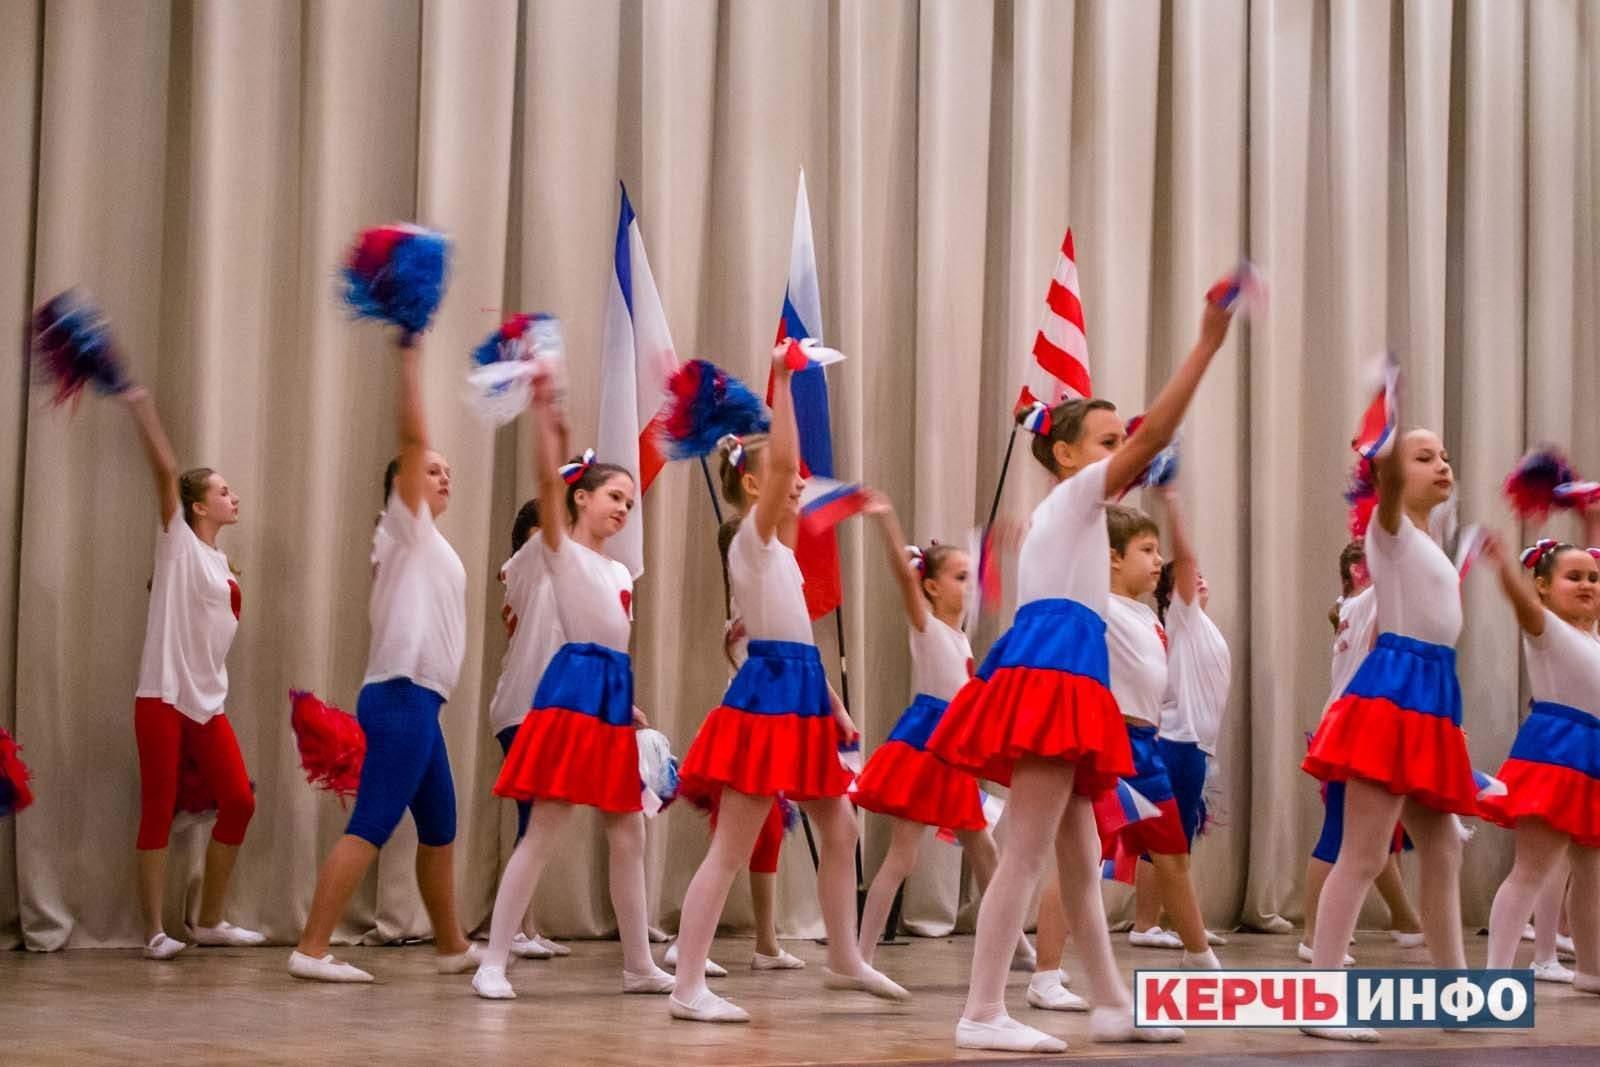 Жители Крыма насмешили соцсети празднованием «Дня республики»